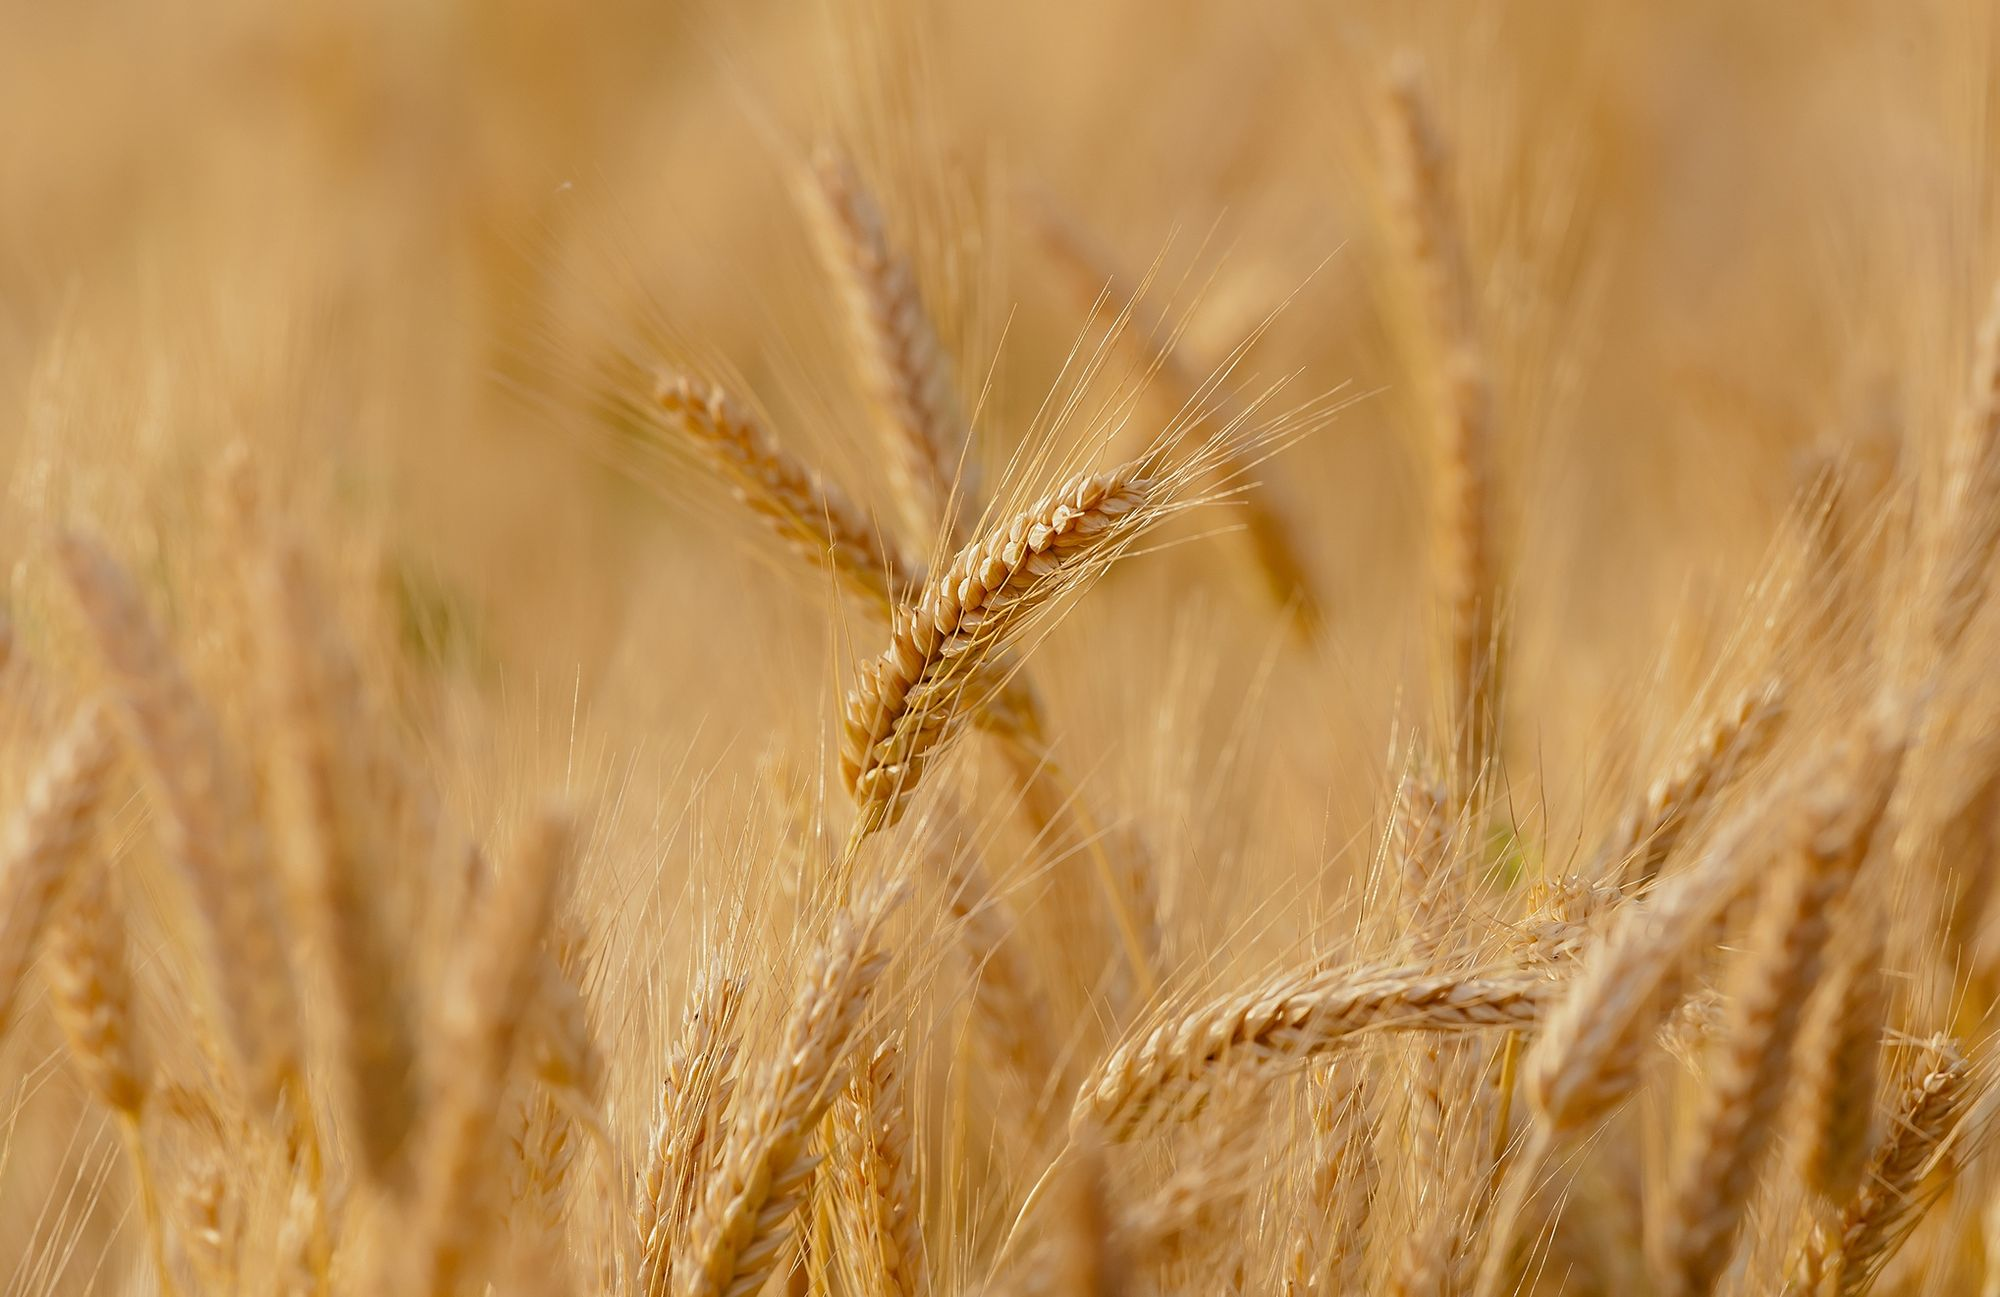 Produção de grãos deverá atingir 330 milhões de toneladas na próxima década